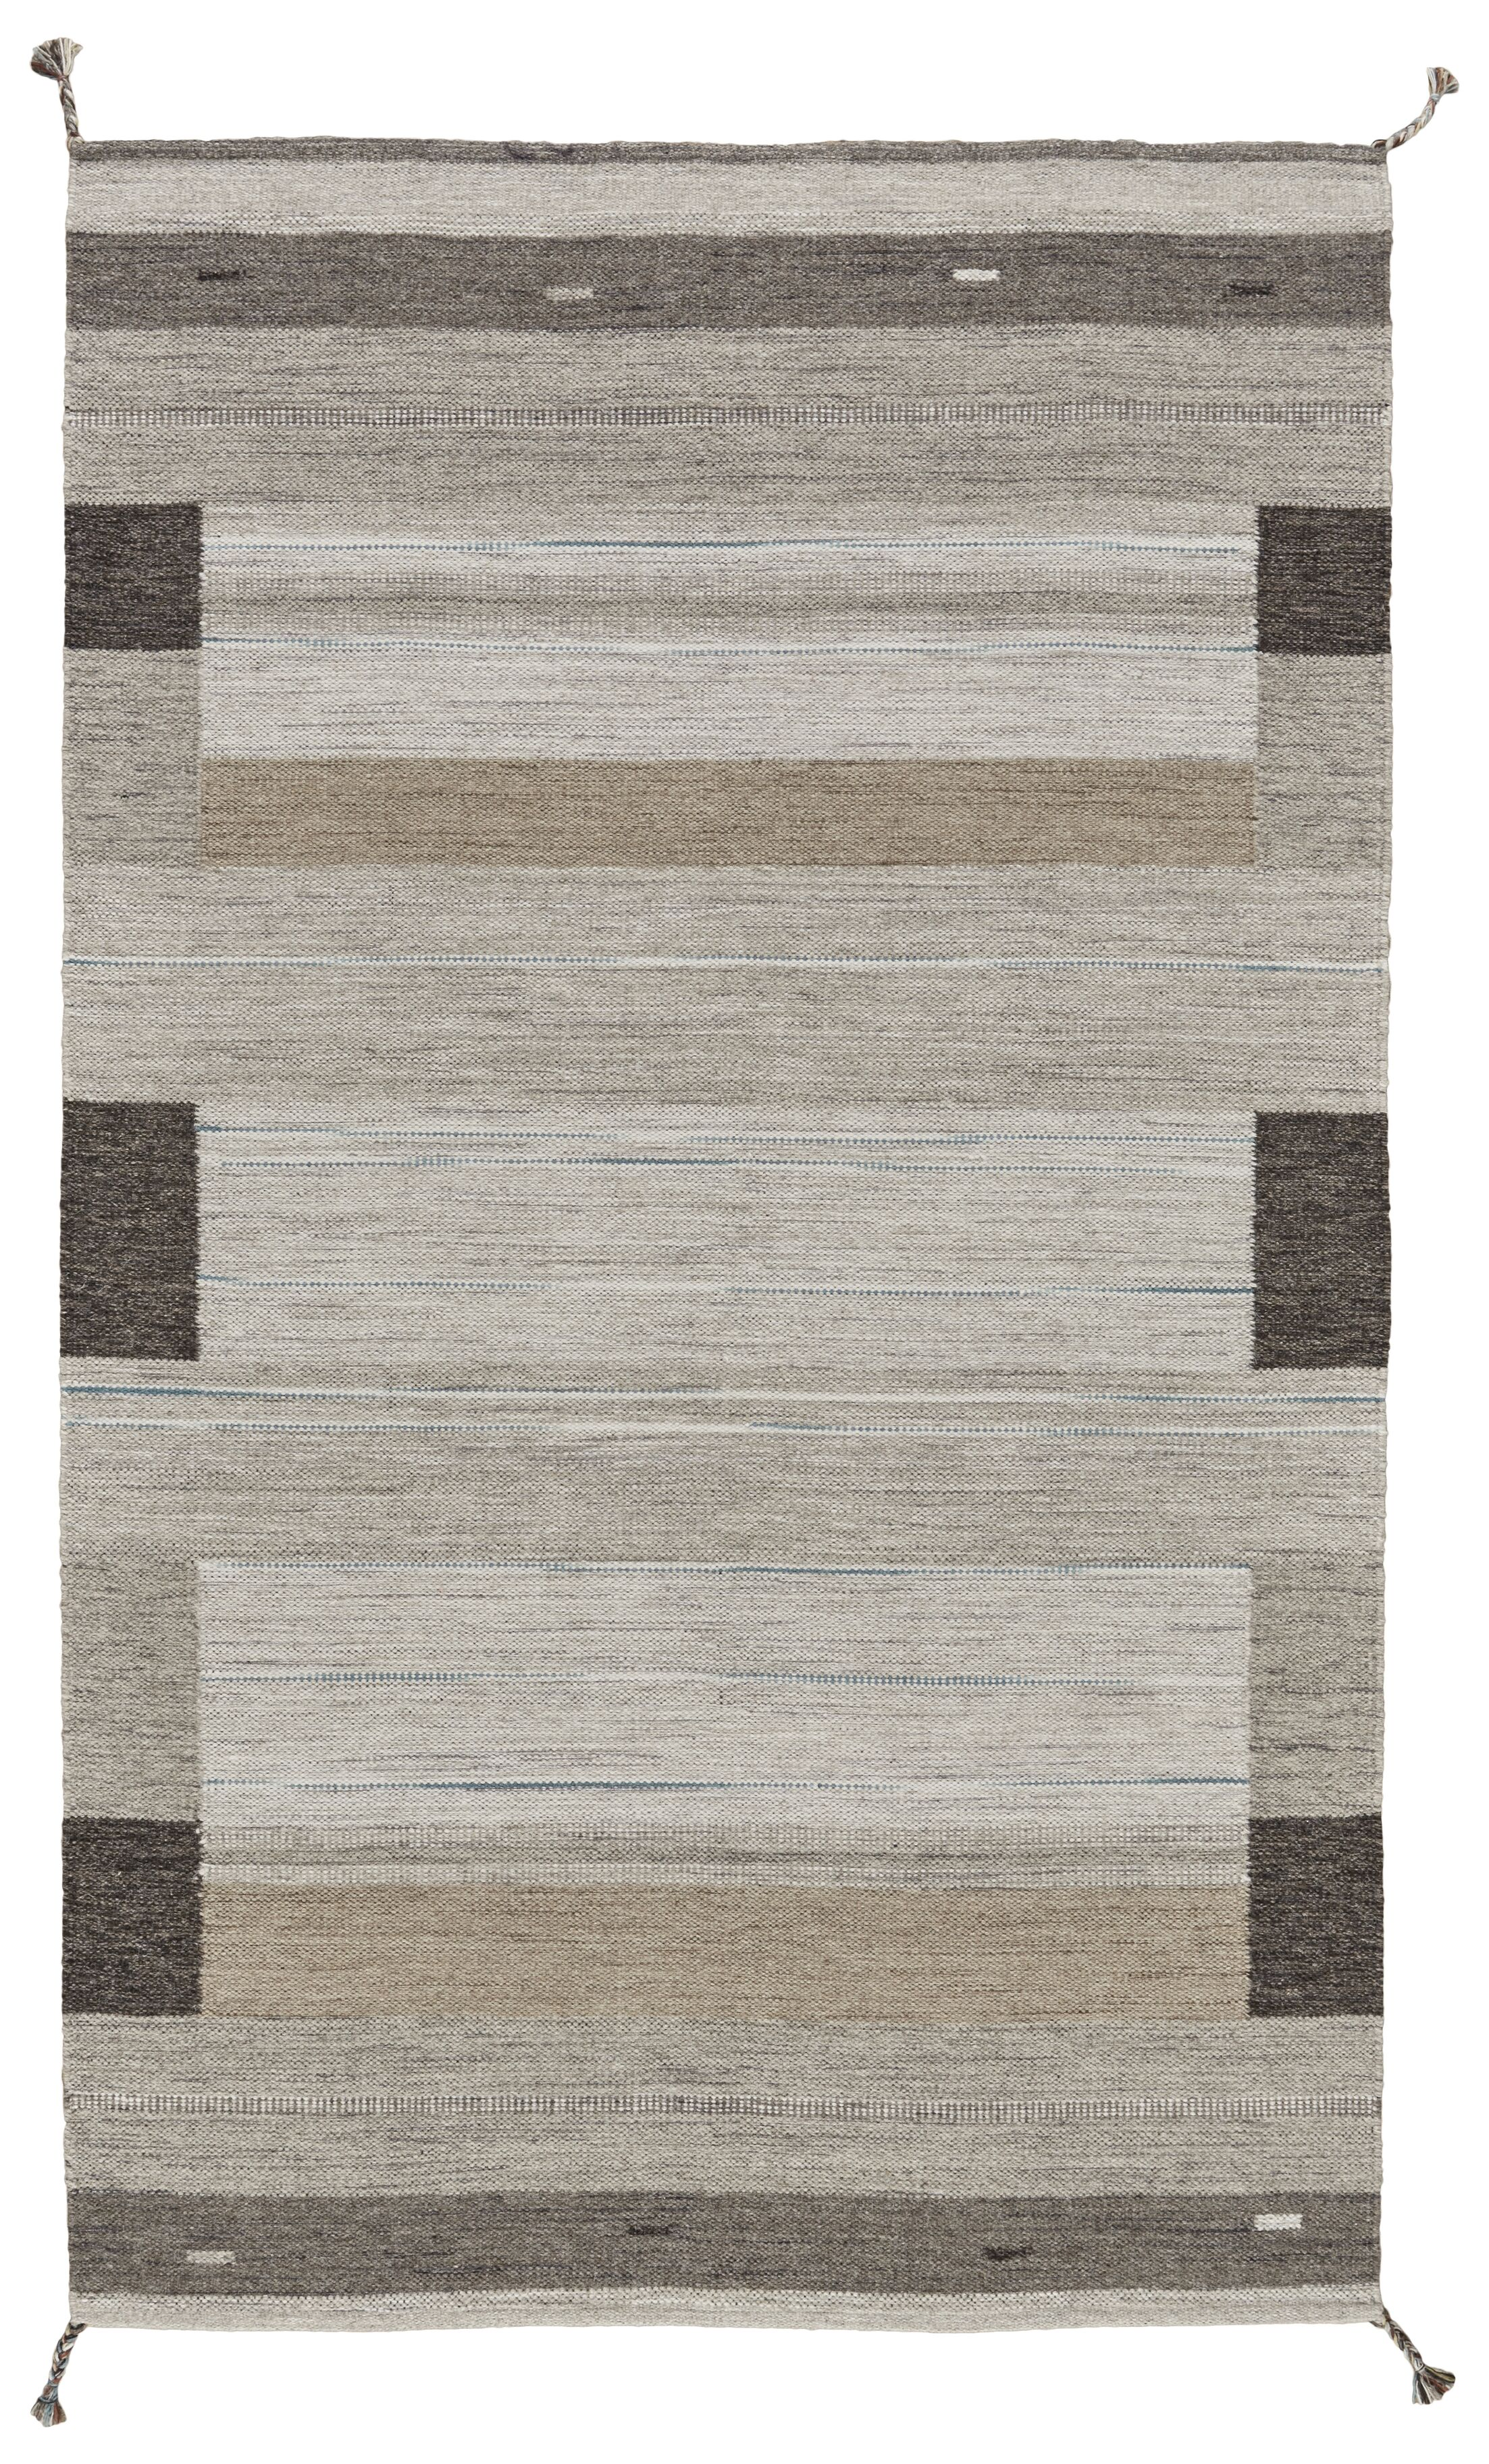 Ewalt Flat Woven Wool Gray Area Rug Rug Size: Rectangle 4' x 6'